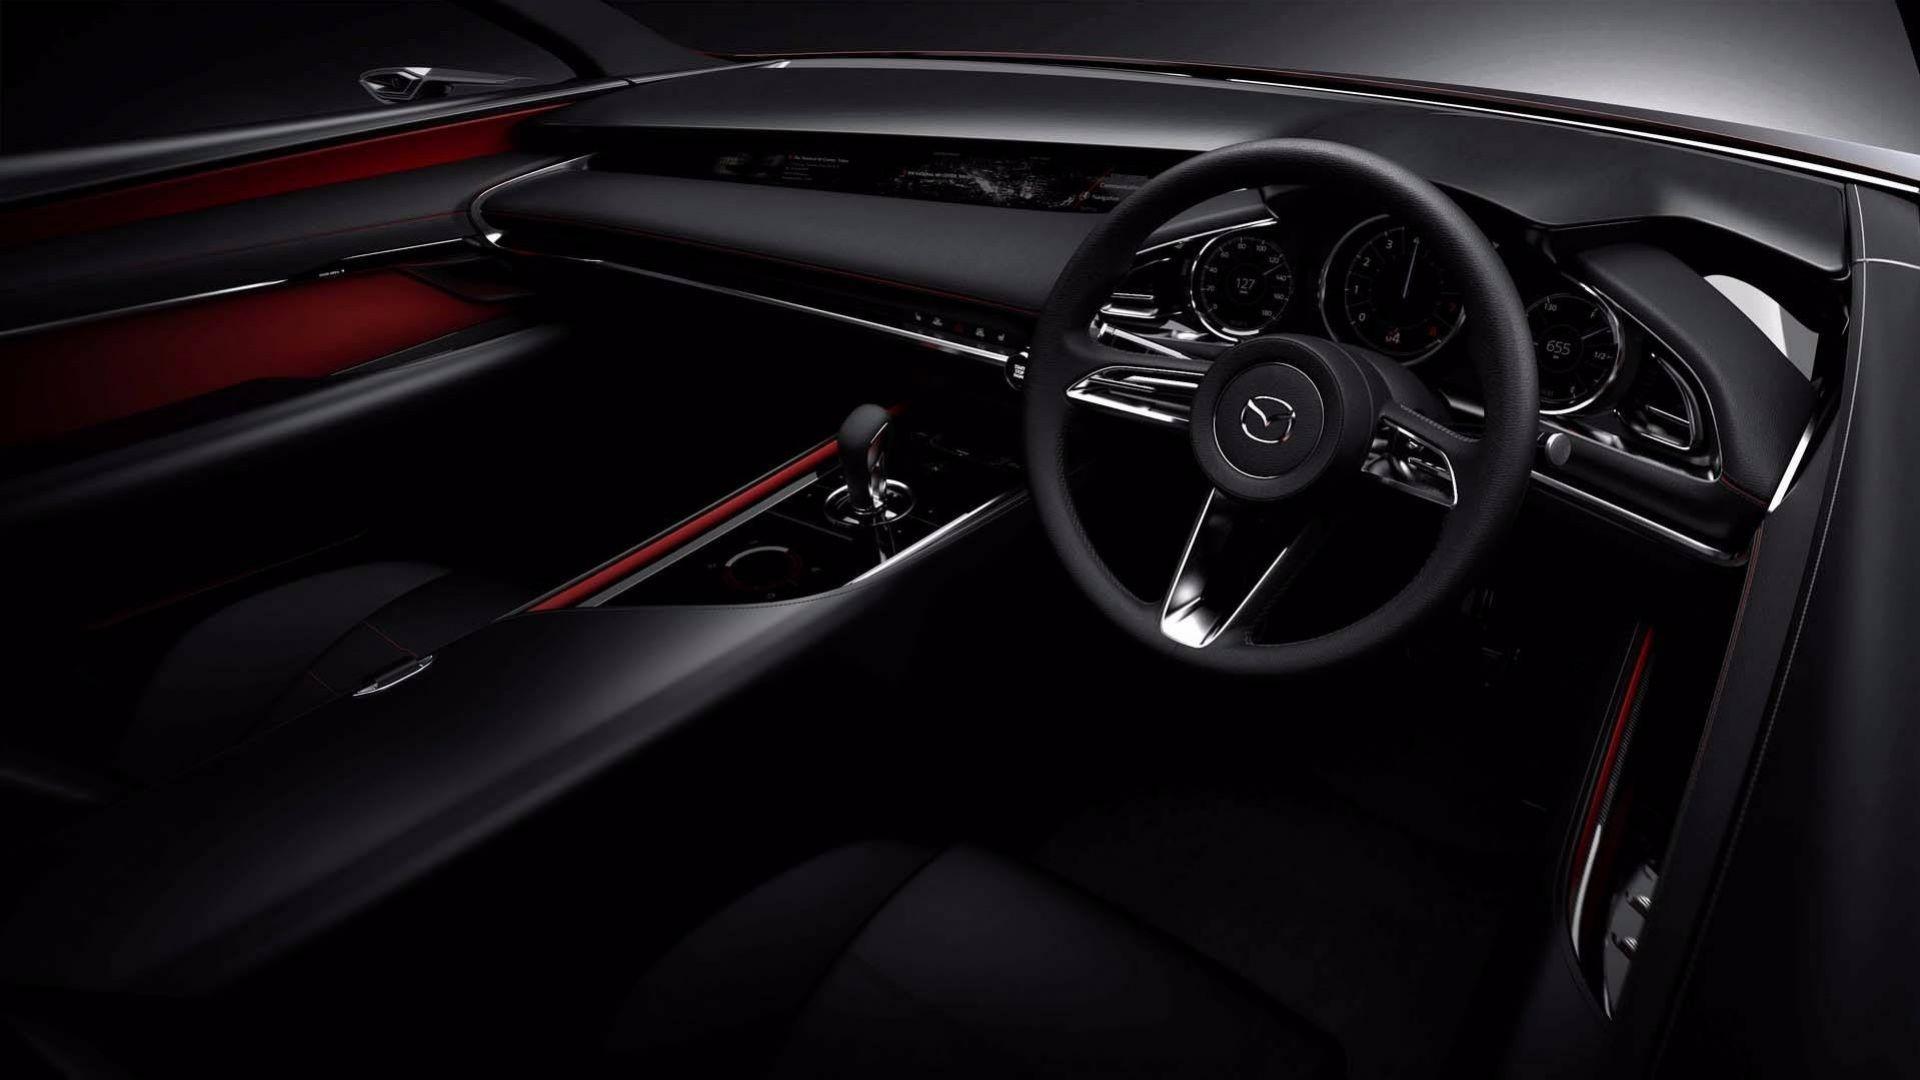 Nuova Mazda 3 Concept: al Salone di Ginevra 2018 con ...